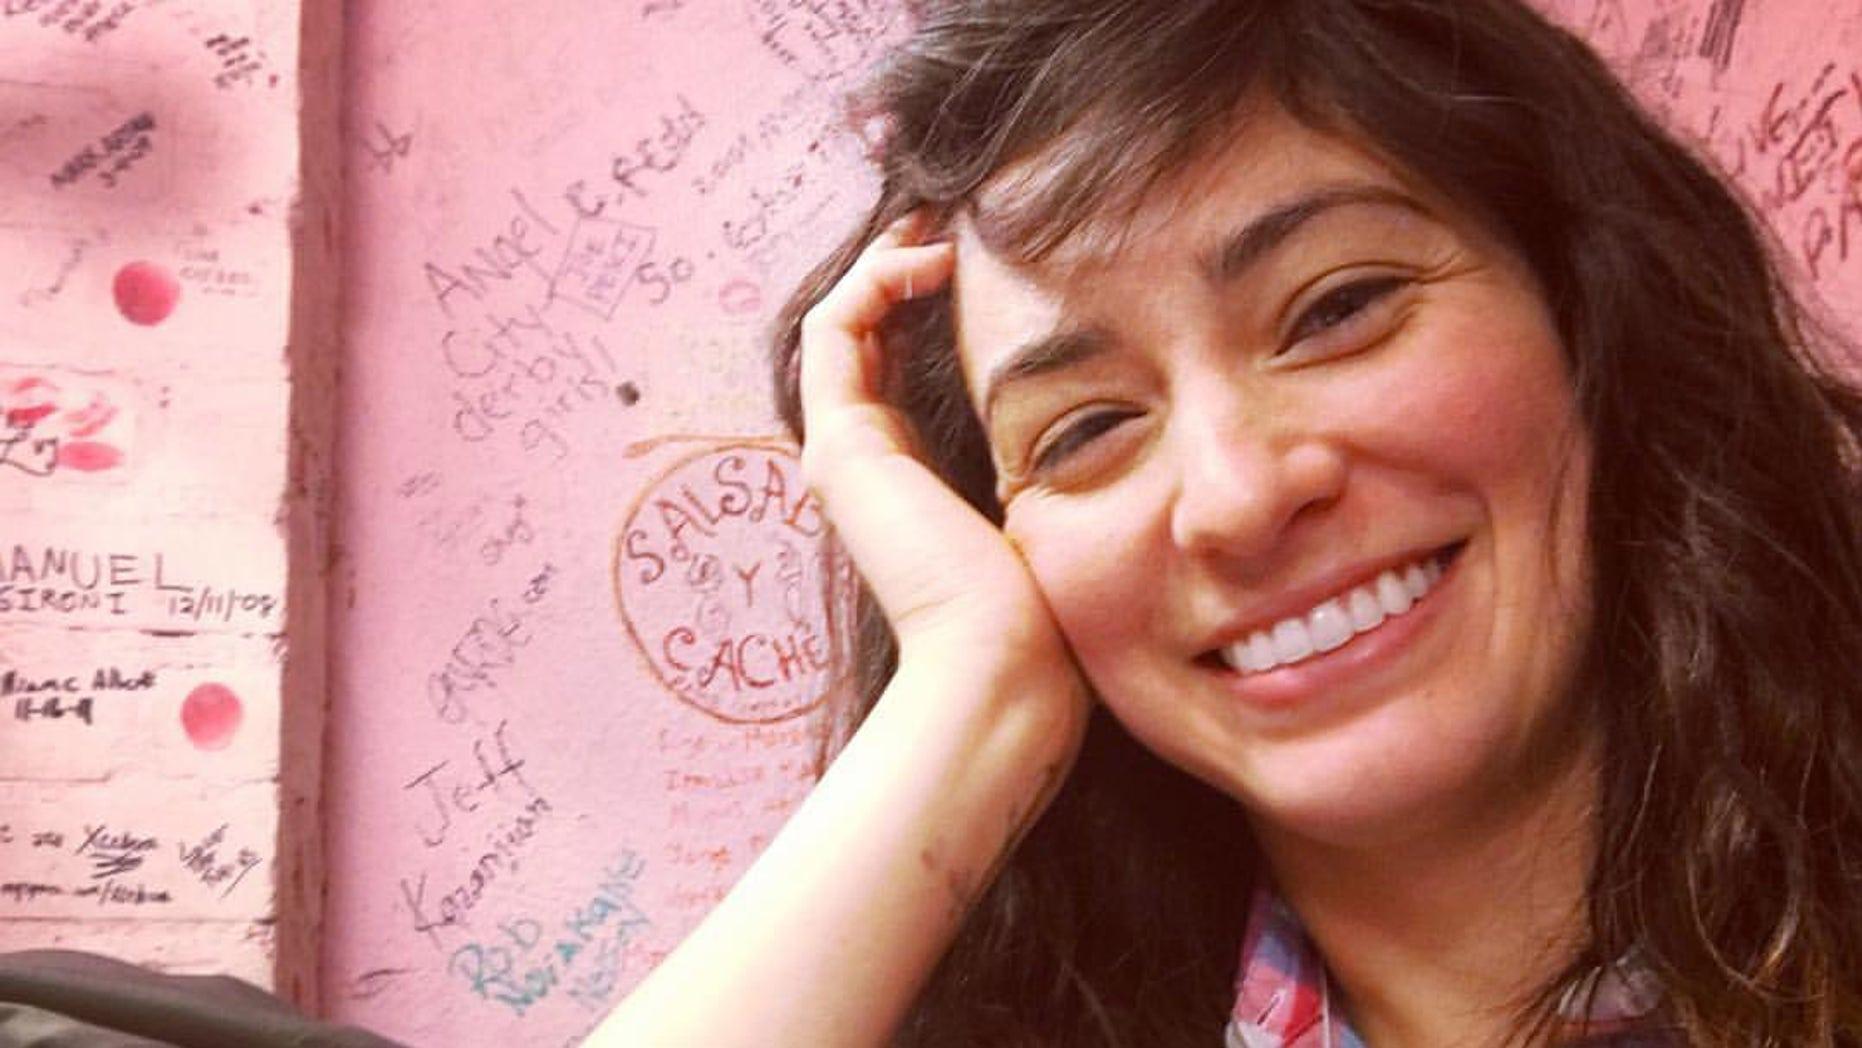 Melissa Villaseñor. (Photo: via Facebook)